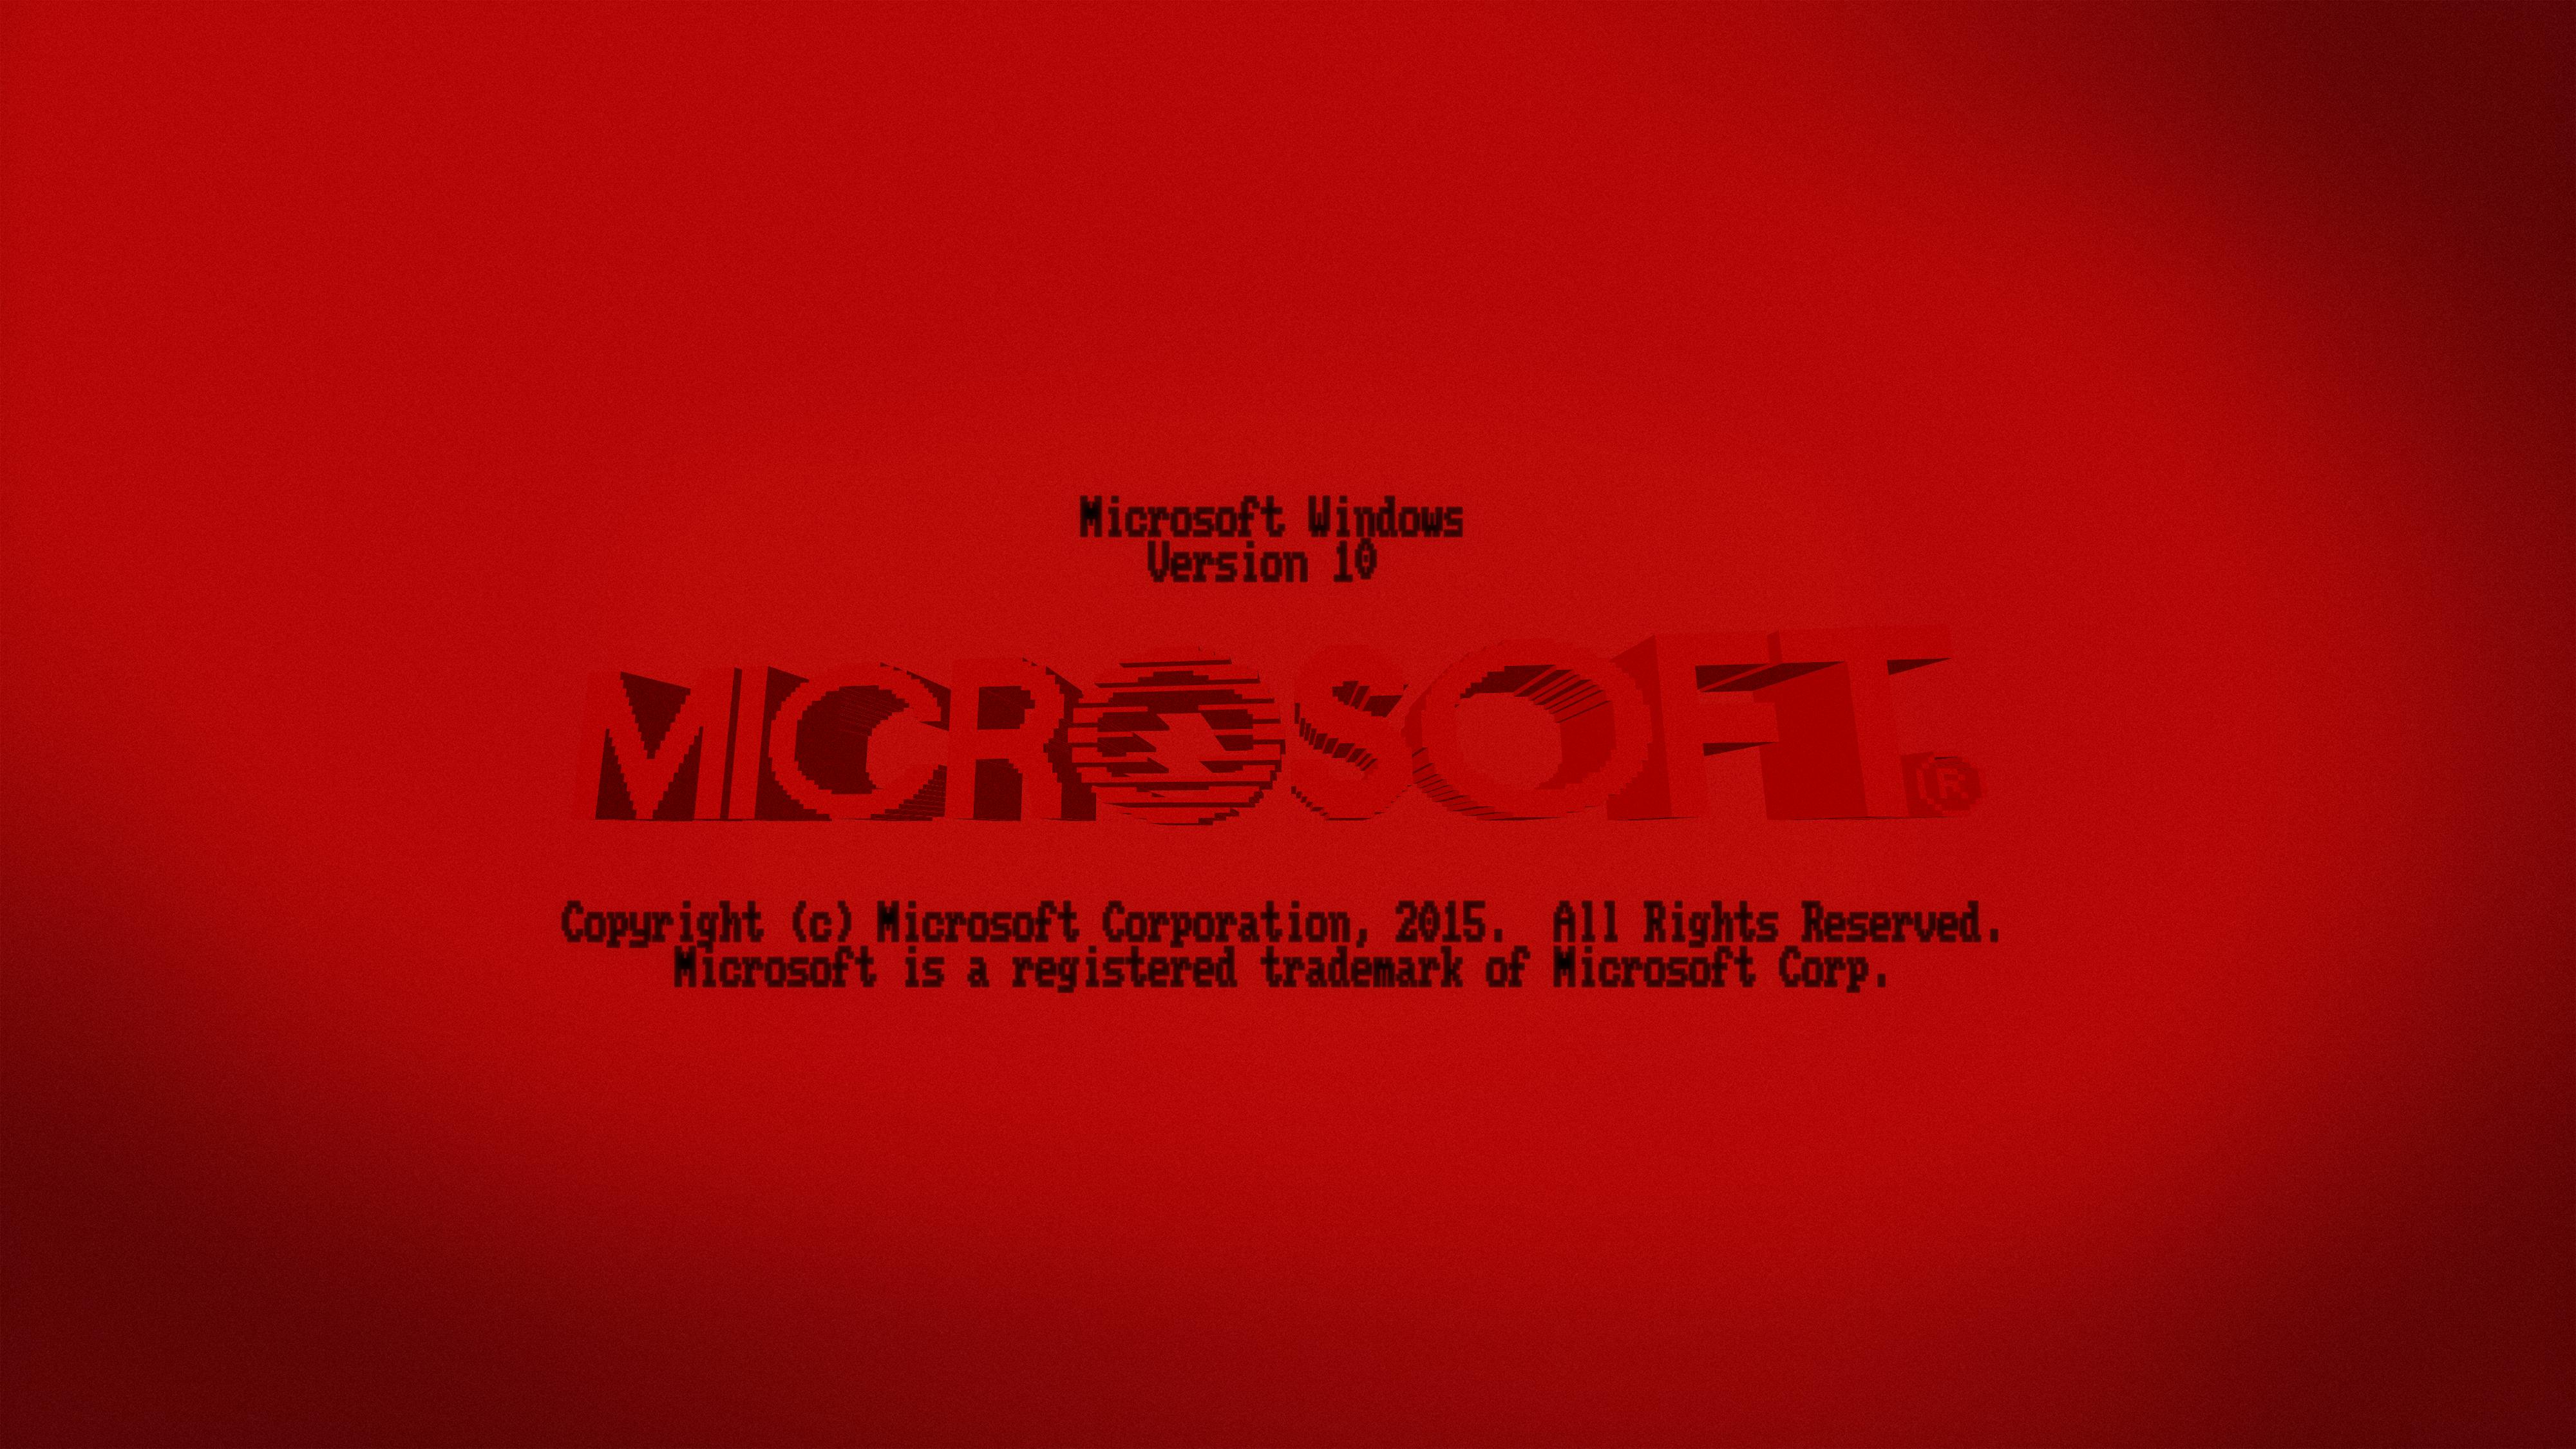 Windows 10 Mockup Dark Wallpaper 4k Ultra Fondo De Pantalla